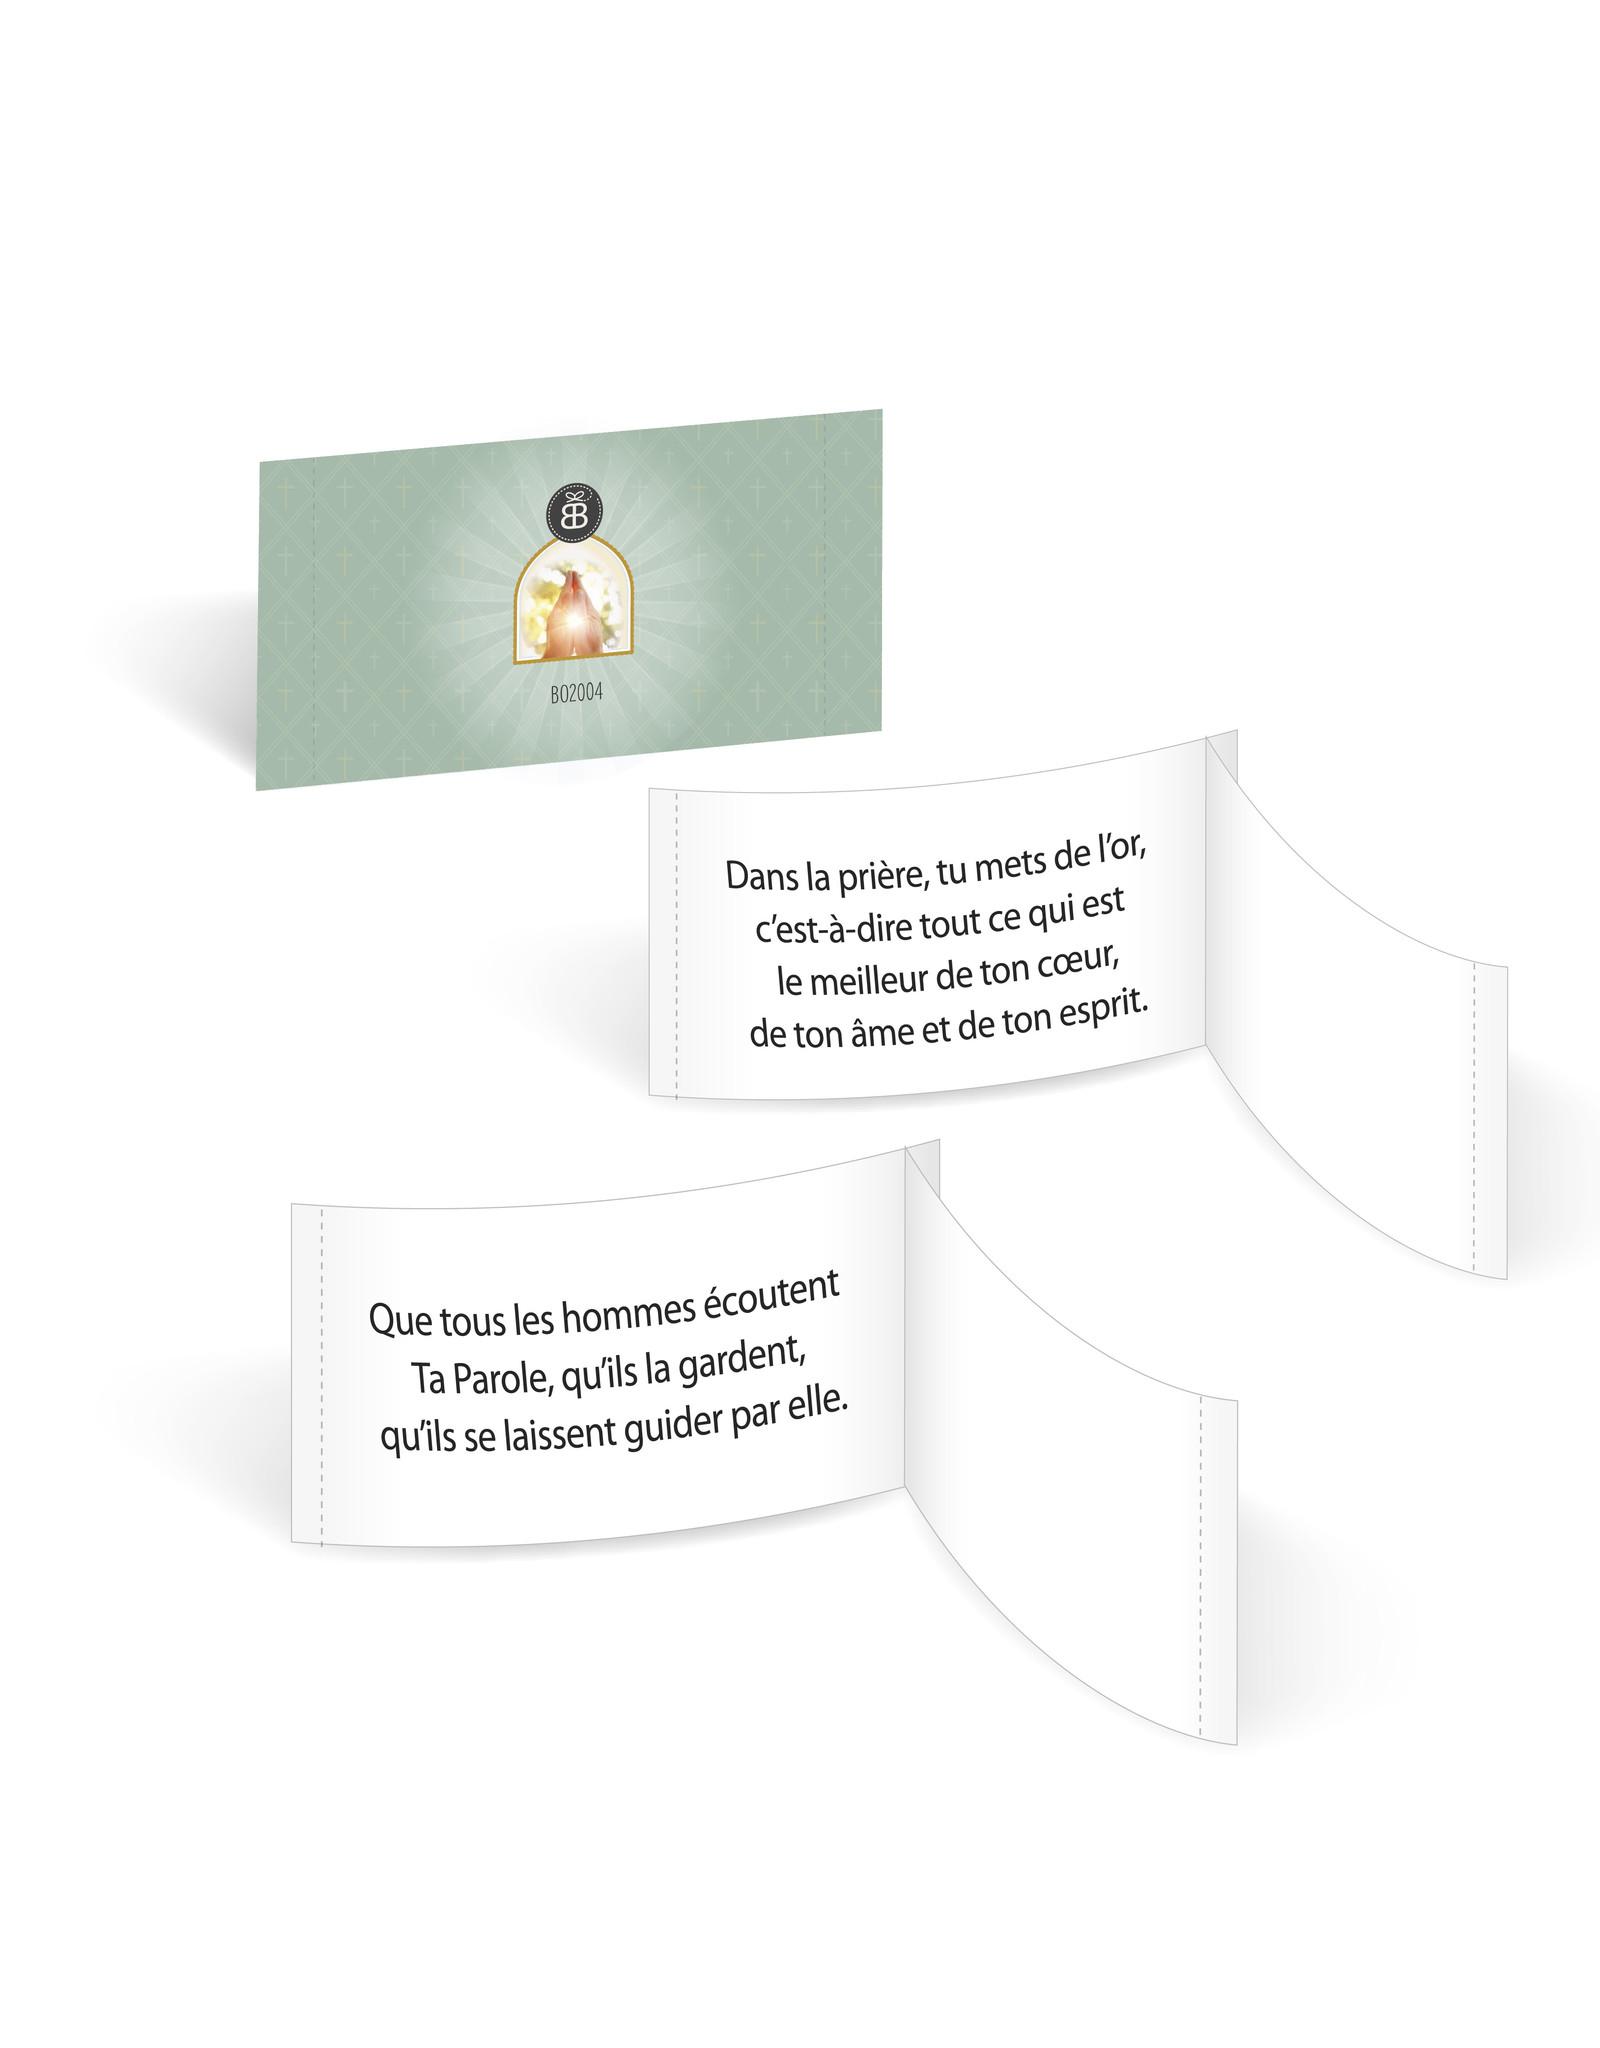 Boîte Bonheur / Box of Joy Une Prière à tous les jours Boîte Bonheur (365 messages de foi)